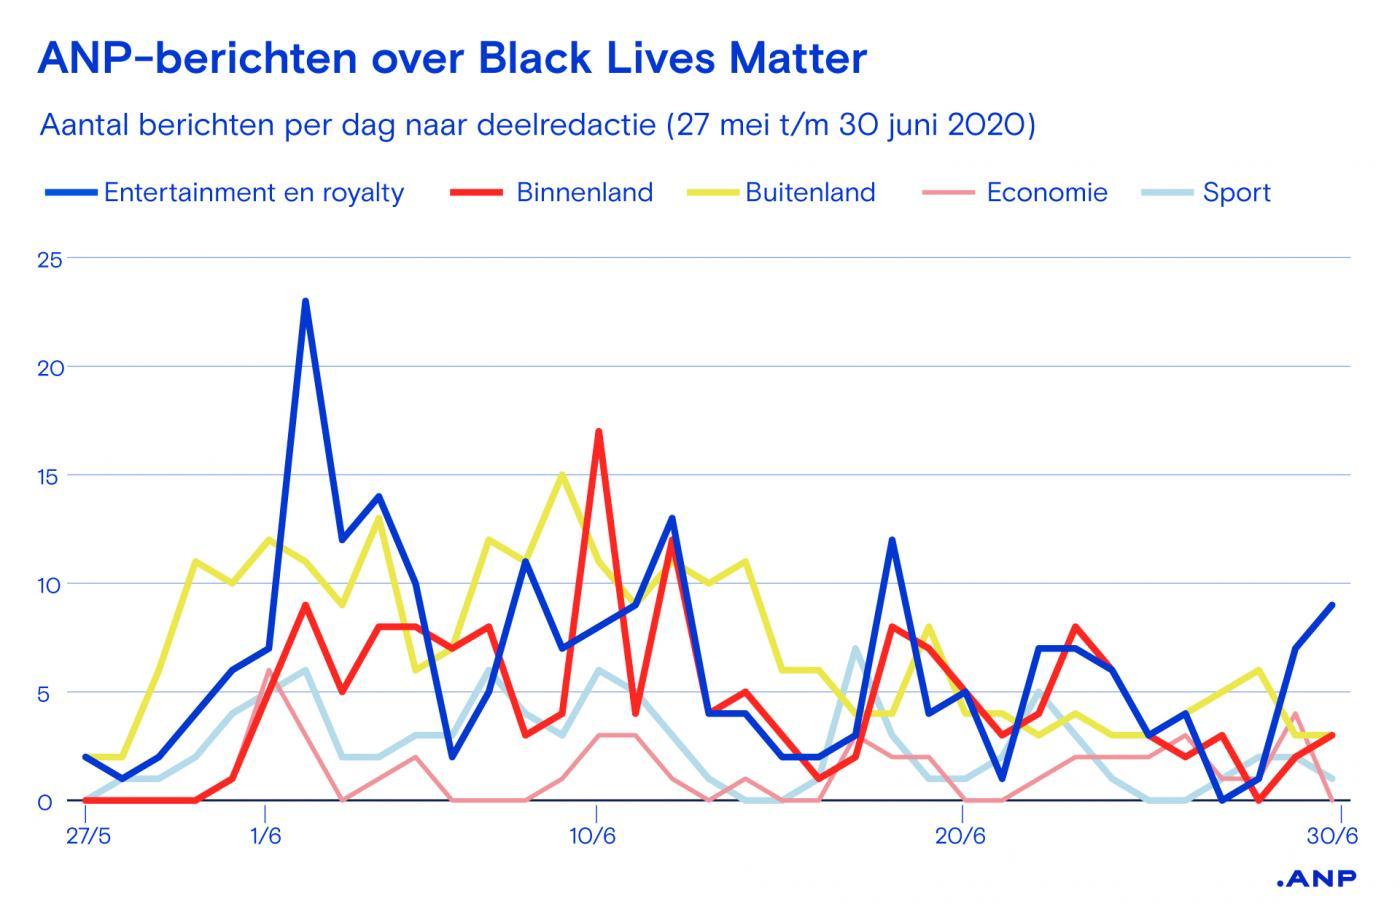 ANP-berichten over Black Lives Matter